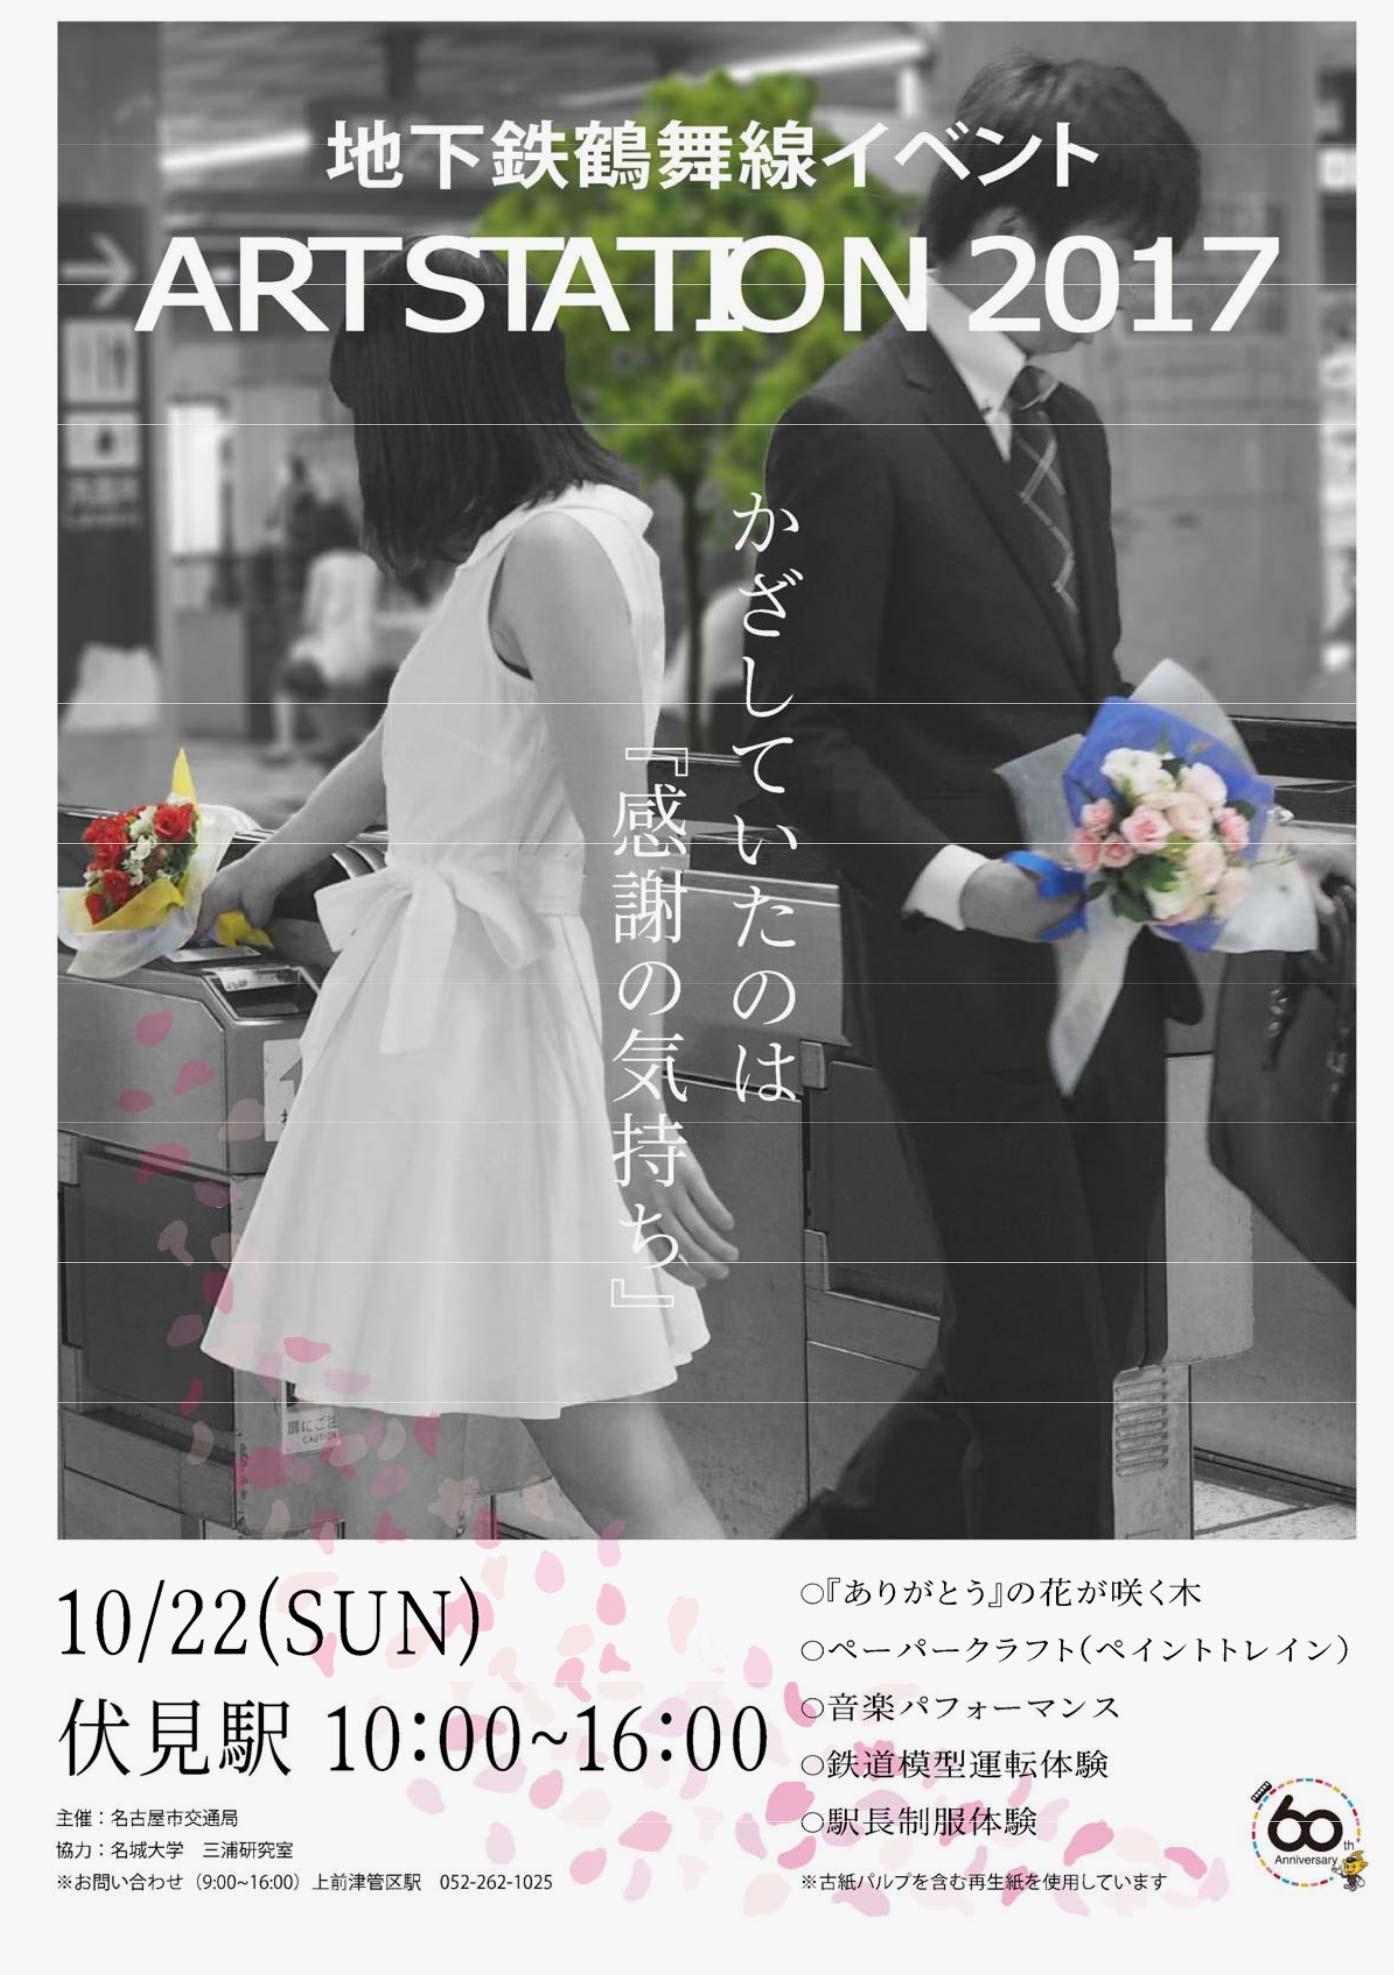 名古屋市交,伏見駅で「地下鉄鶴舞線イベント ART STATION 2017 〜かざしていたのは『感謝の気持ち』〜」開催